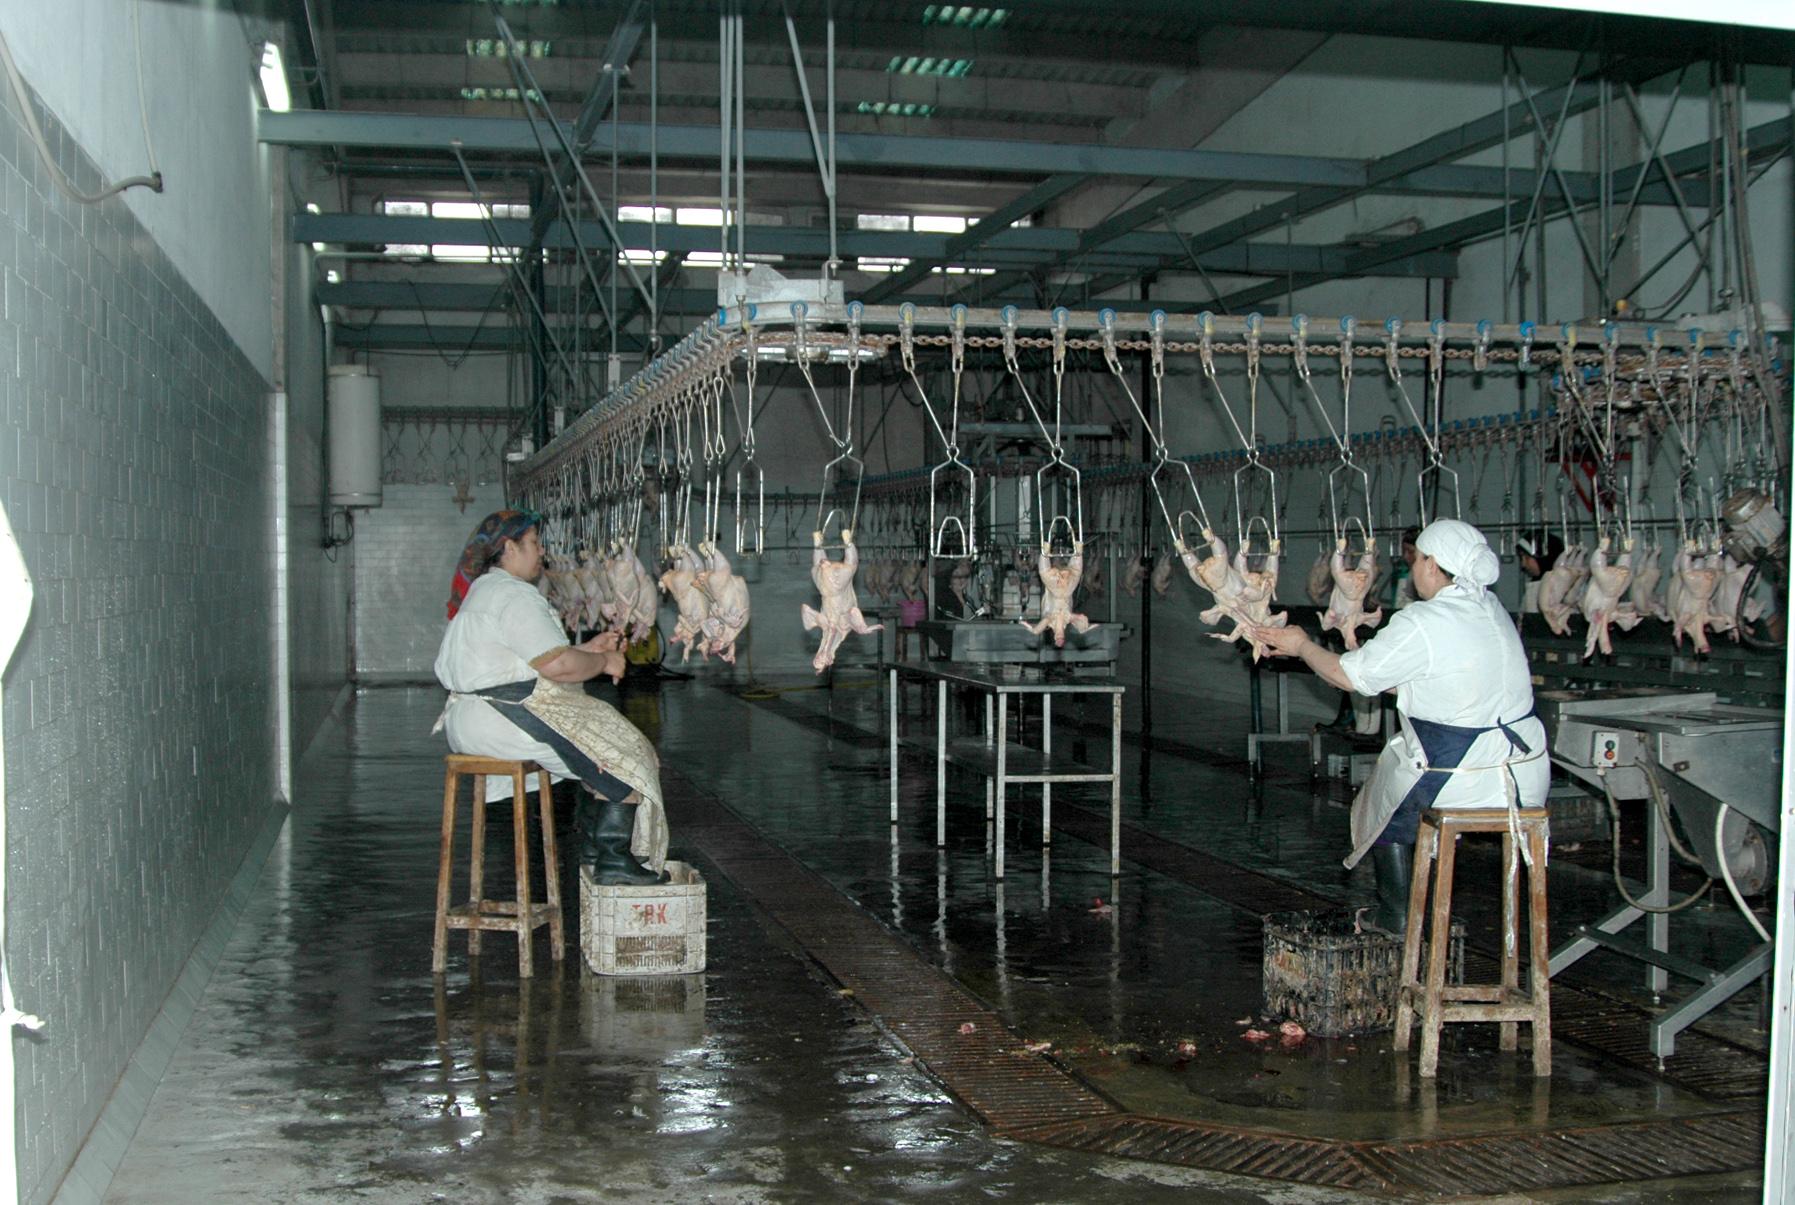 Stork stork Schlachthaus Gebrauchte Maschinen - Exapro